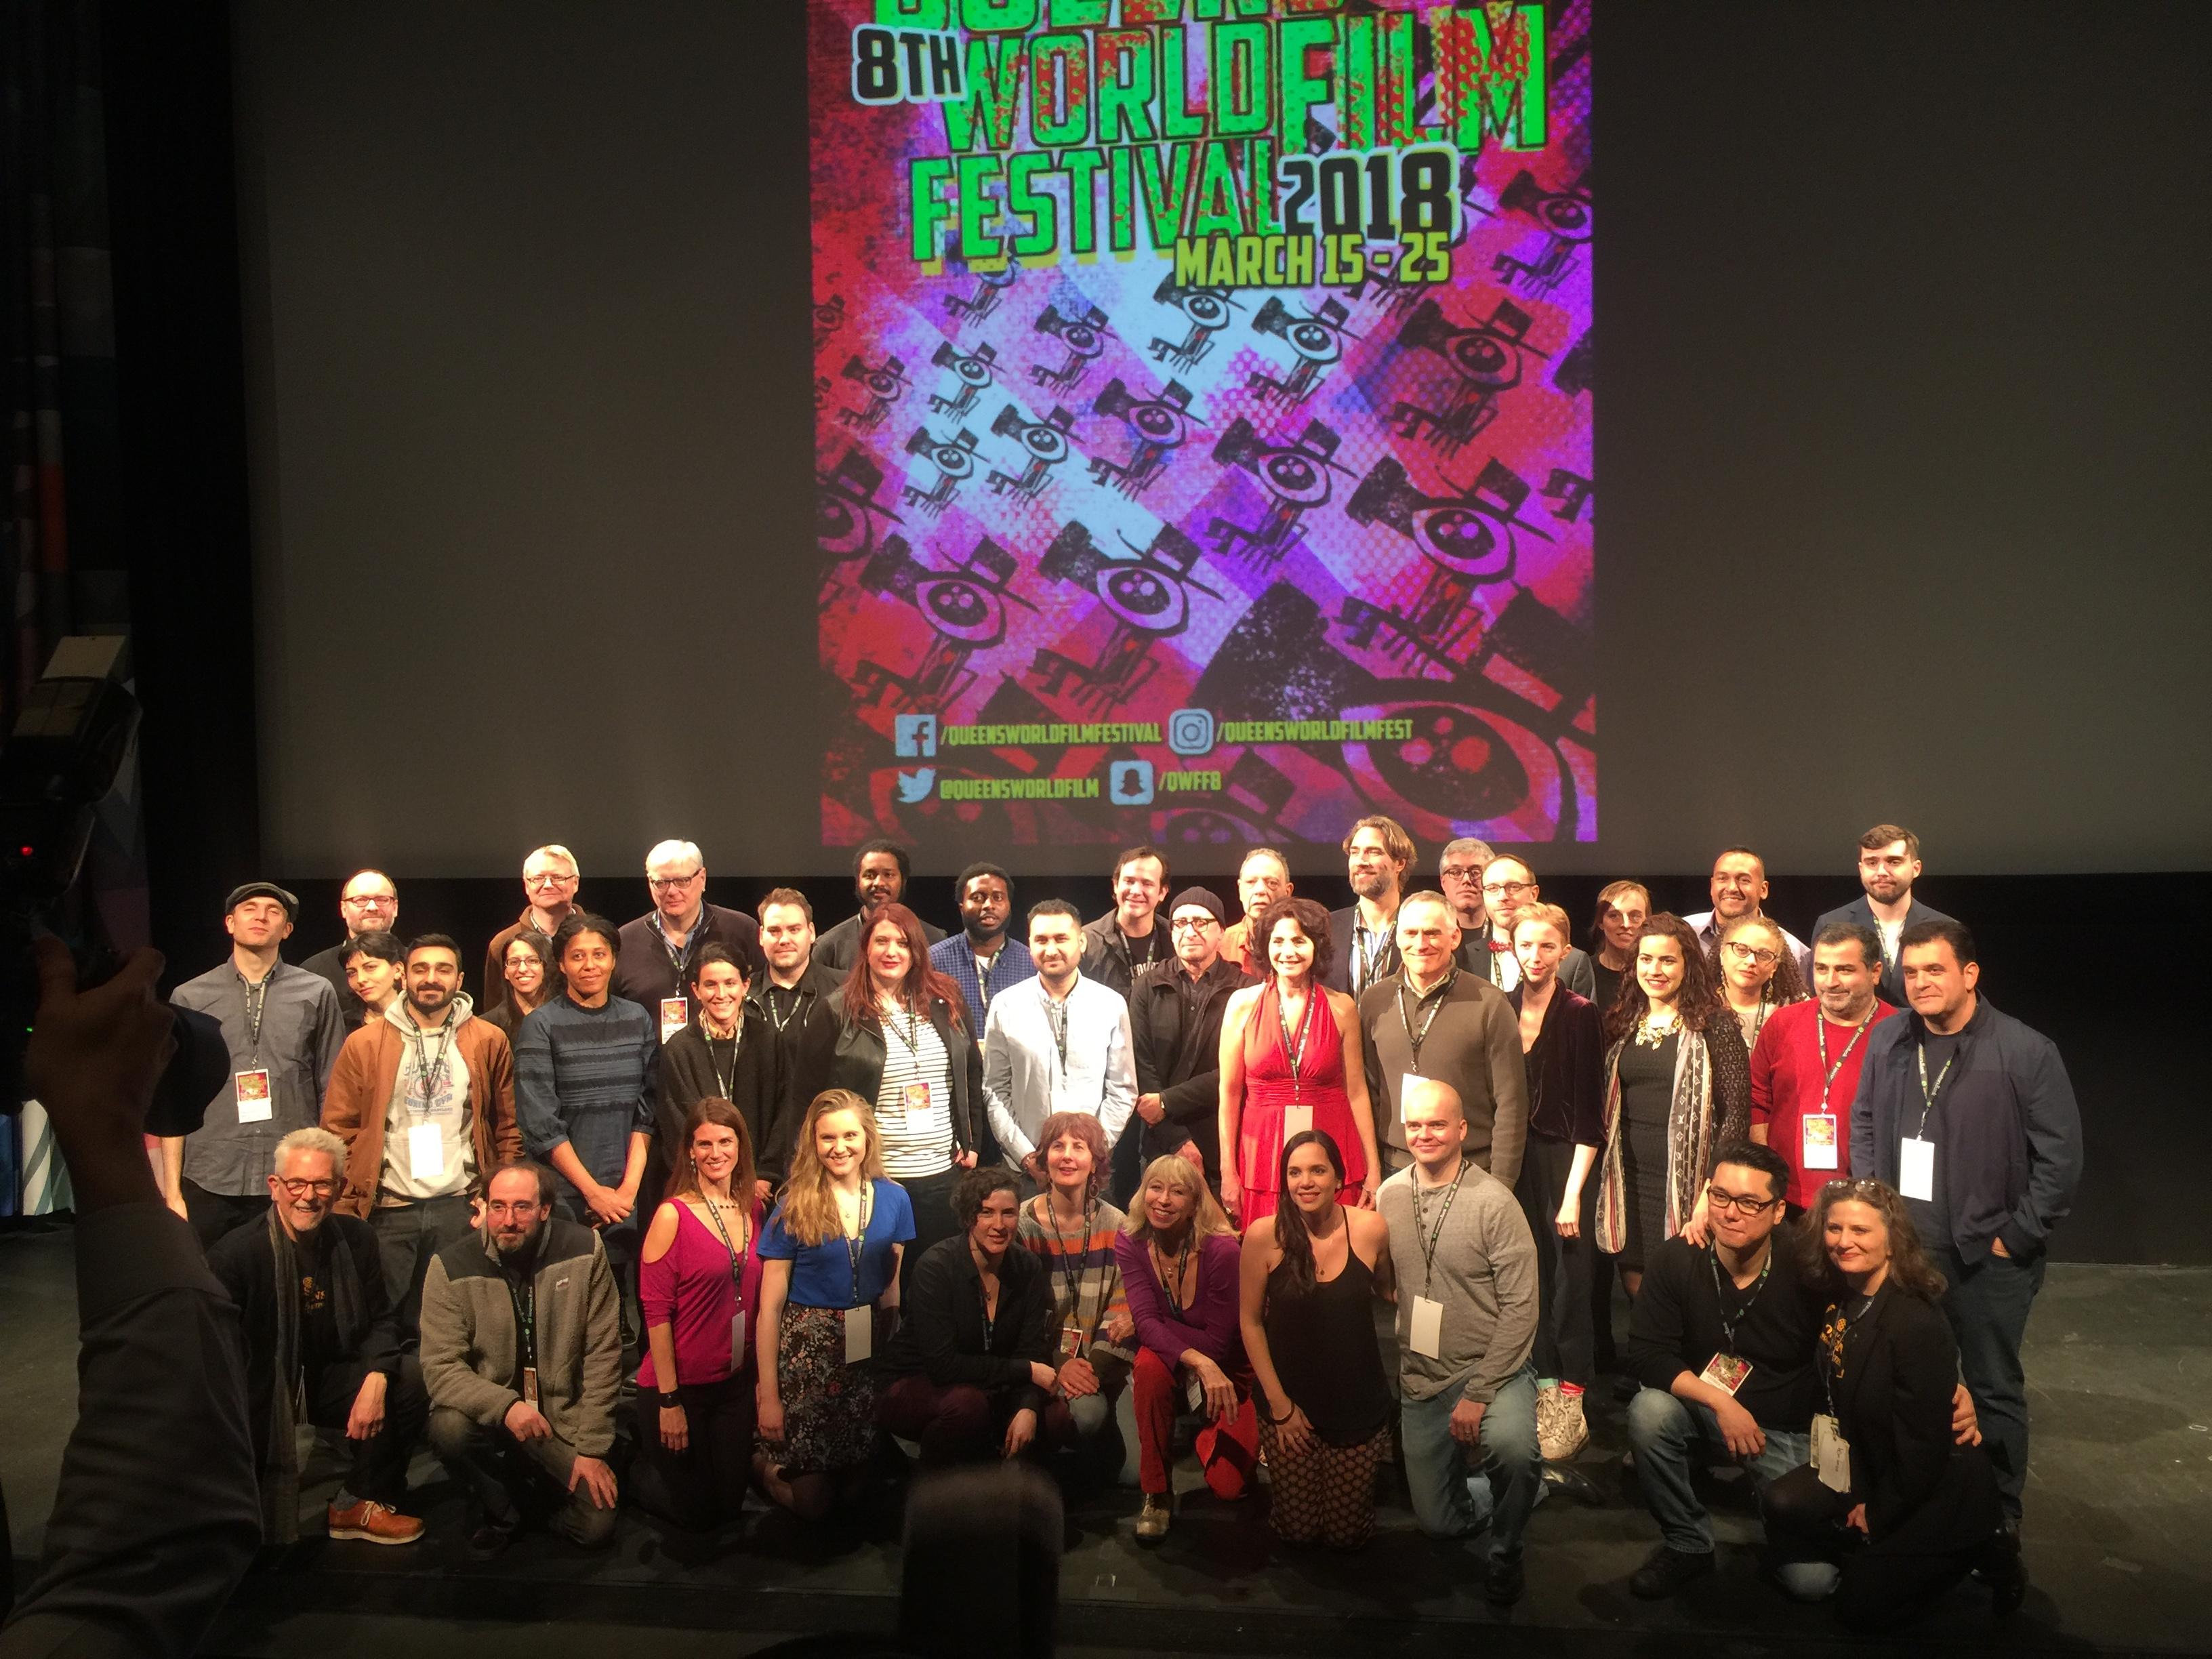 第八屆紐約皇后電影節開幕,189部電影參展,有許多亞裔導演作品。(記者林群/攝影)